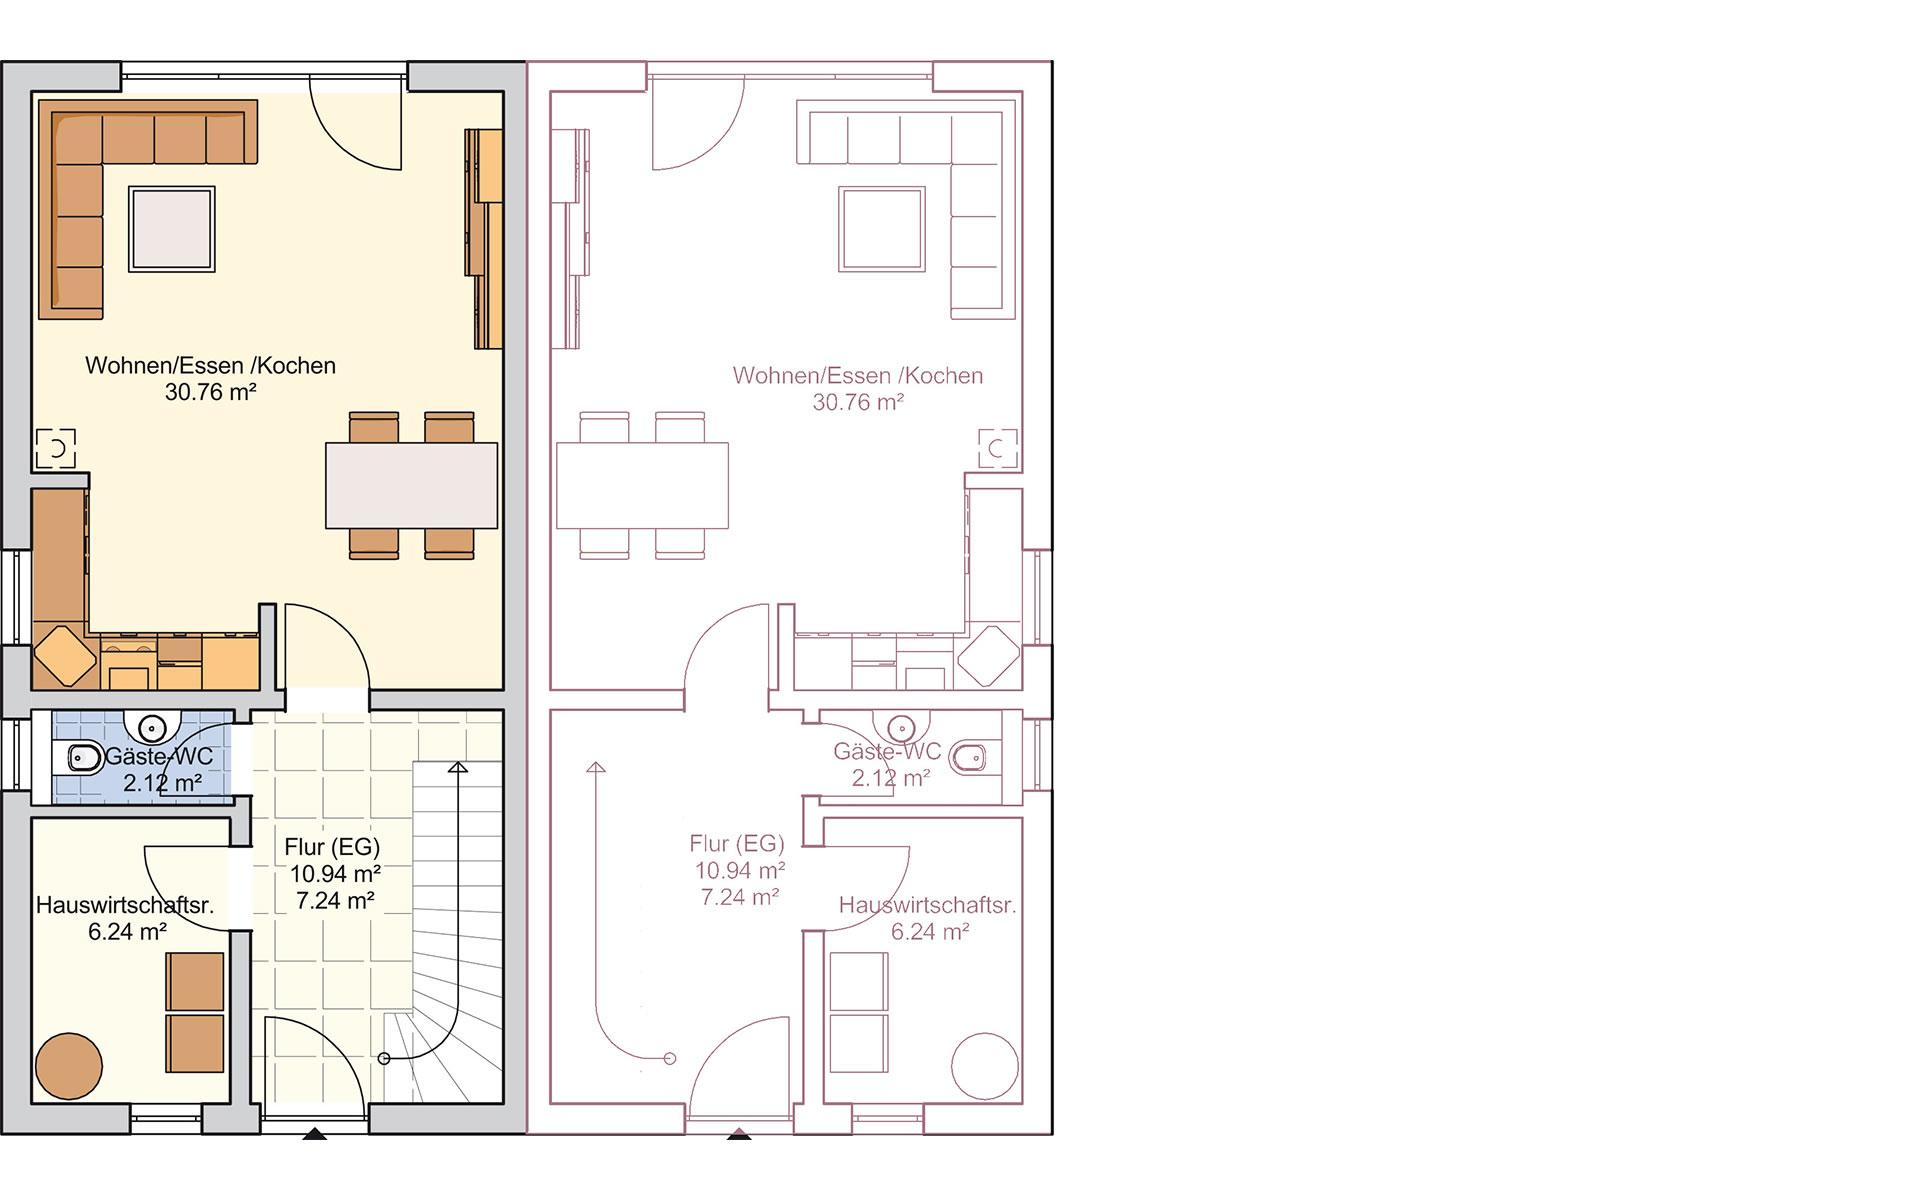 Erdgeschoss Duett 96 von Fingerhut Haus GmbH & Co. KG